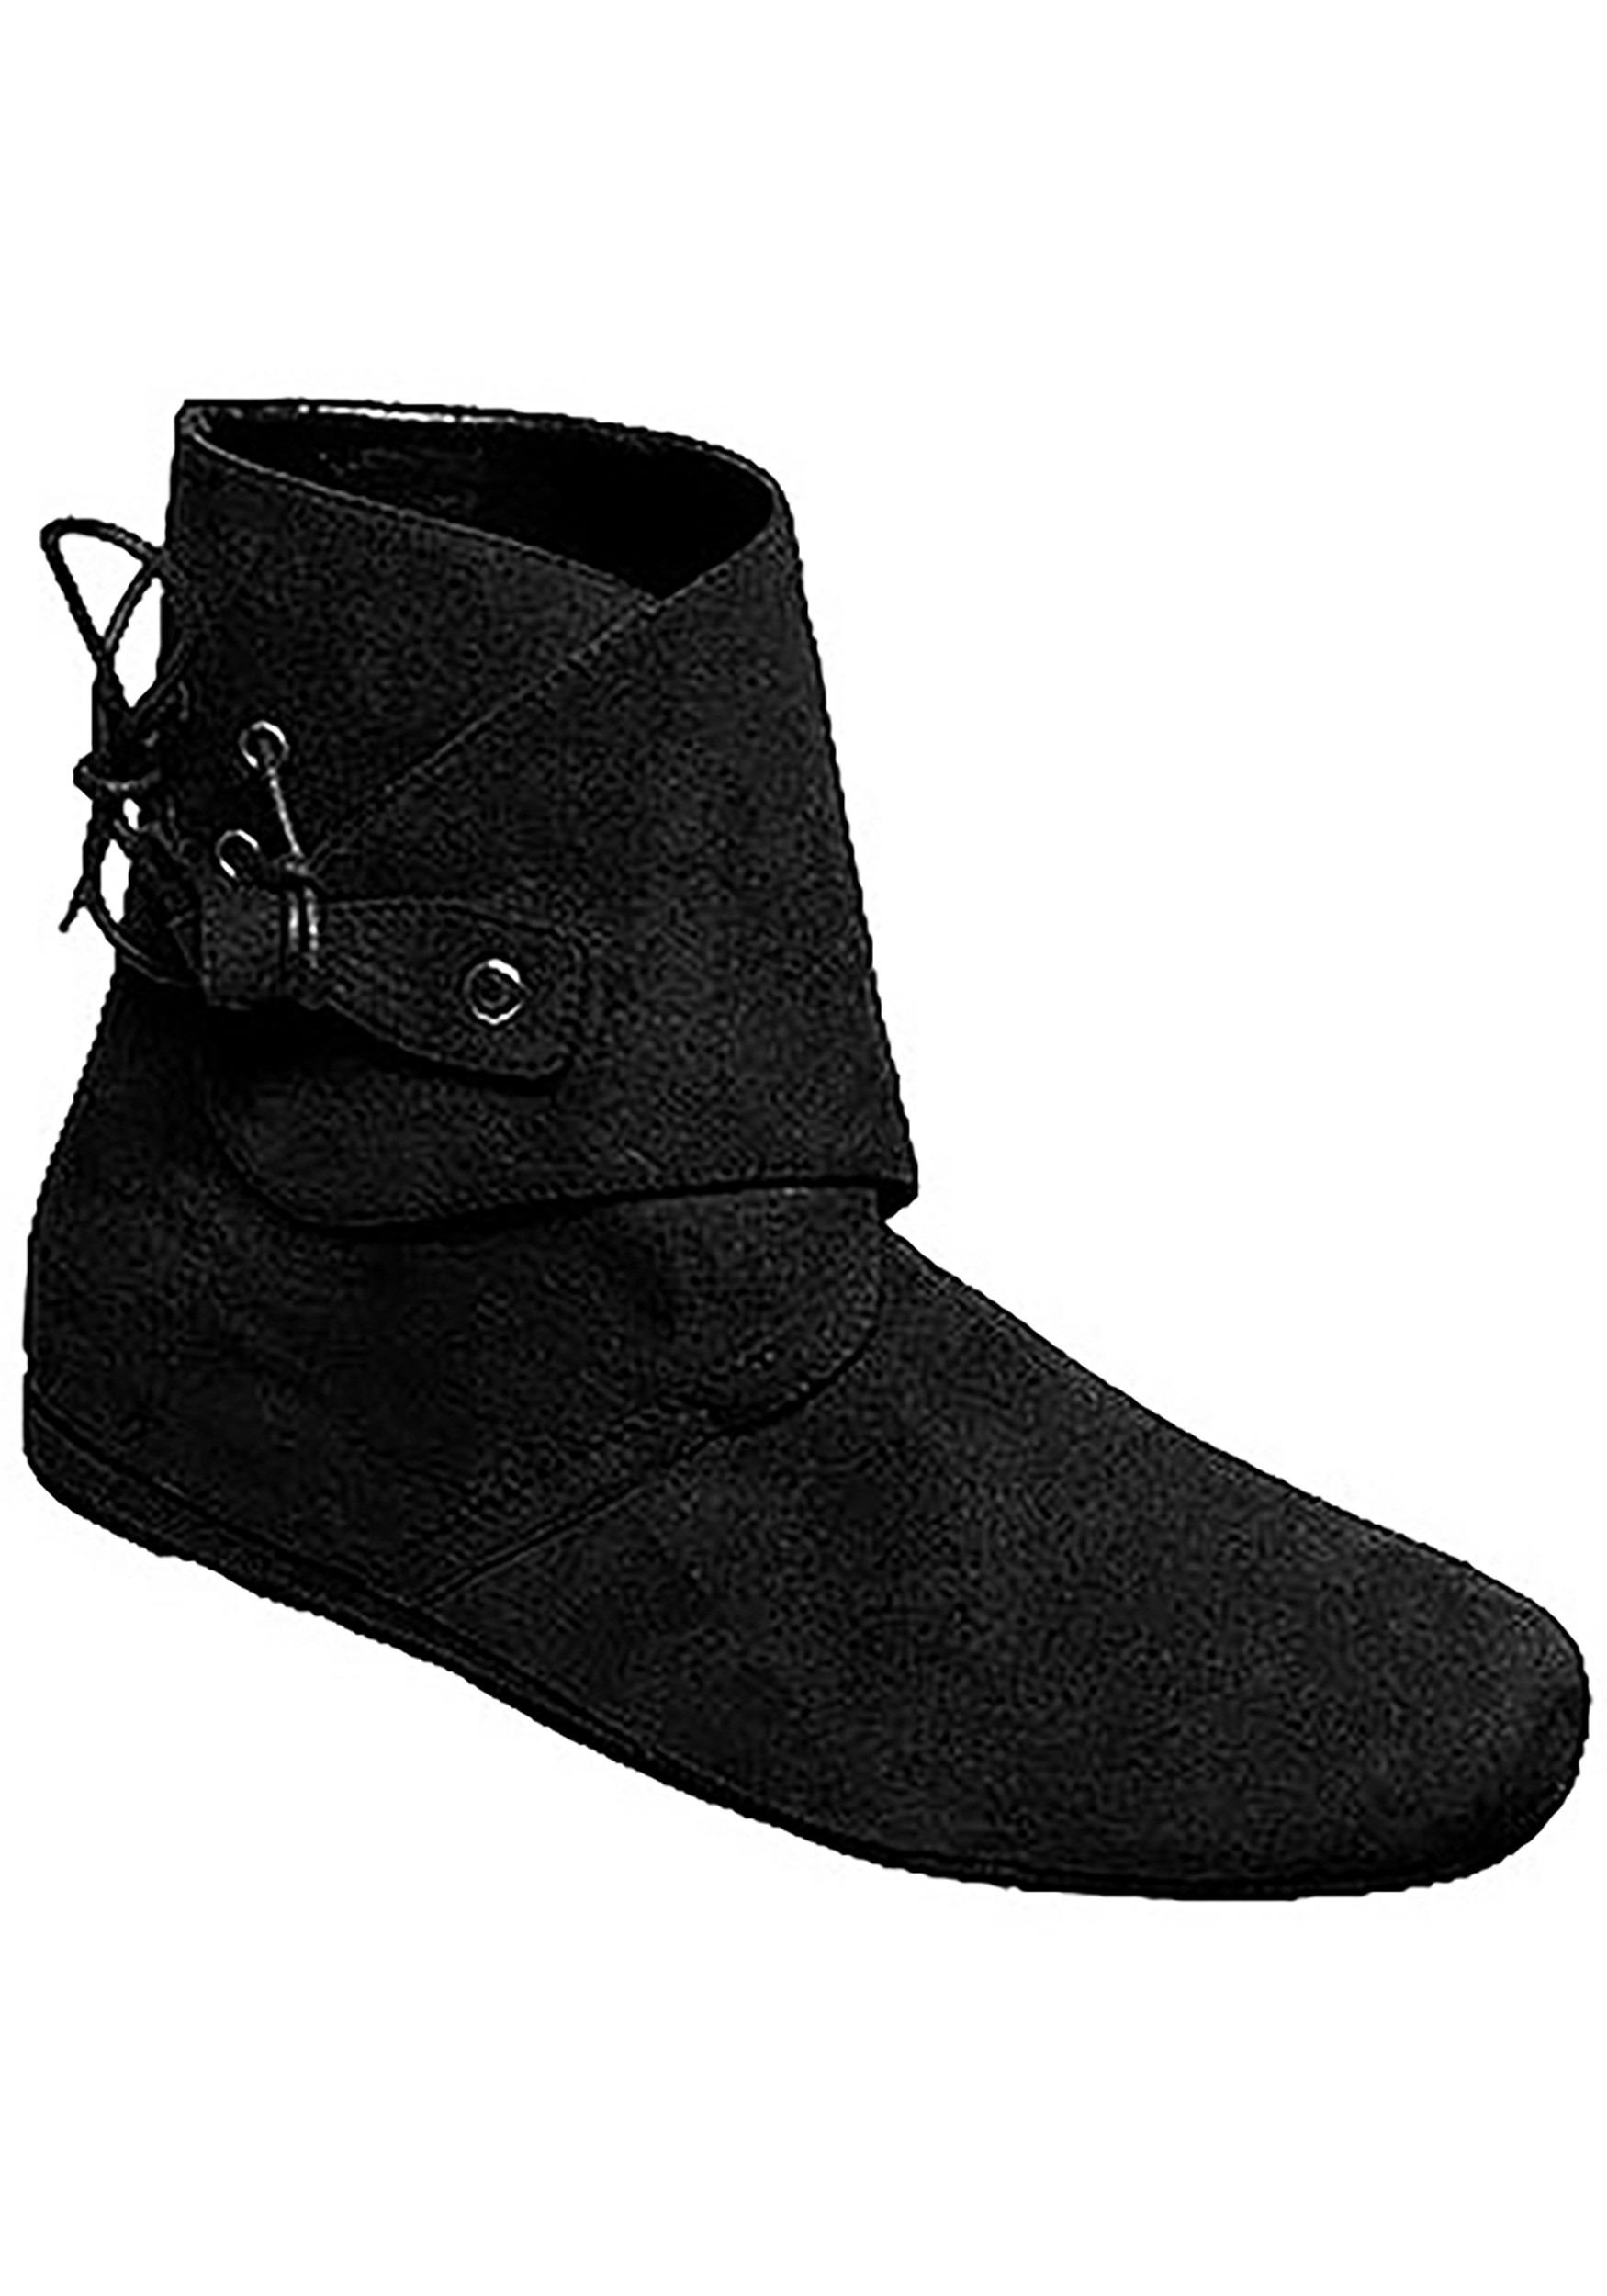 Men's Black Renaissance Shoes